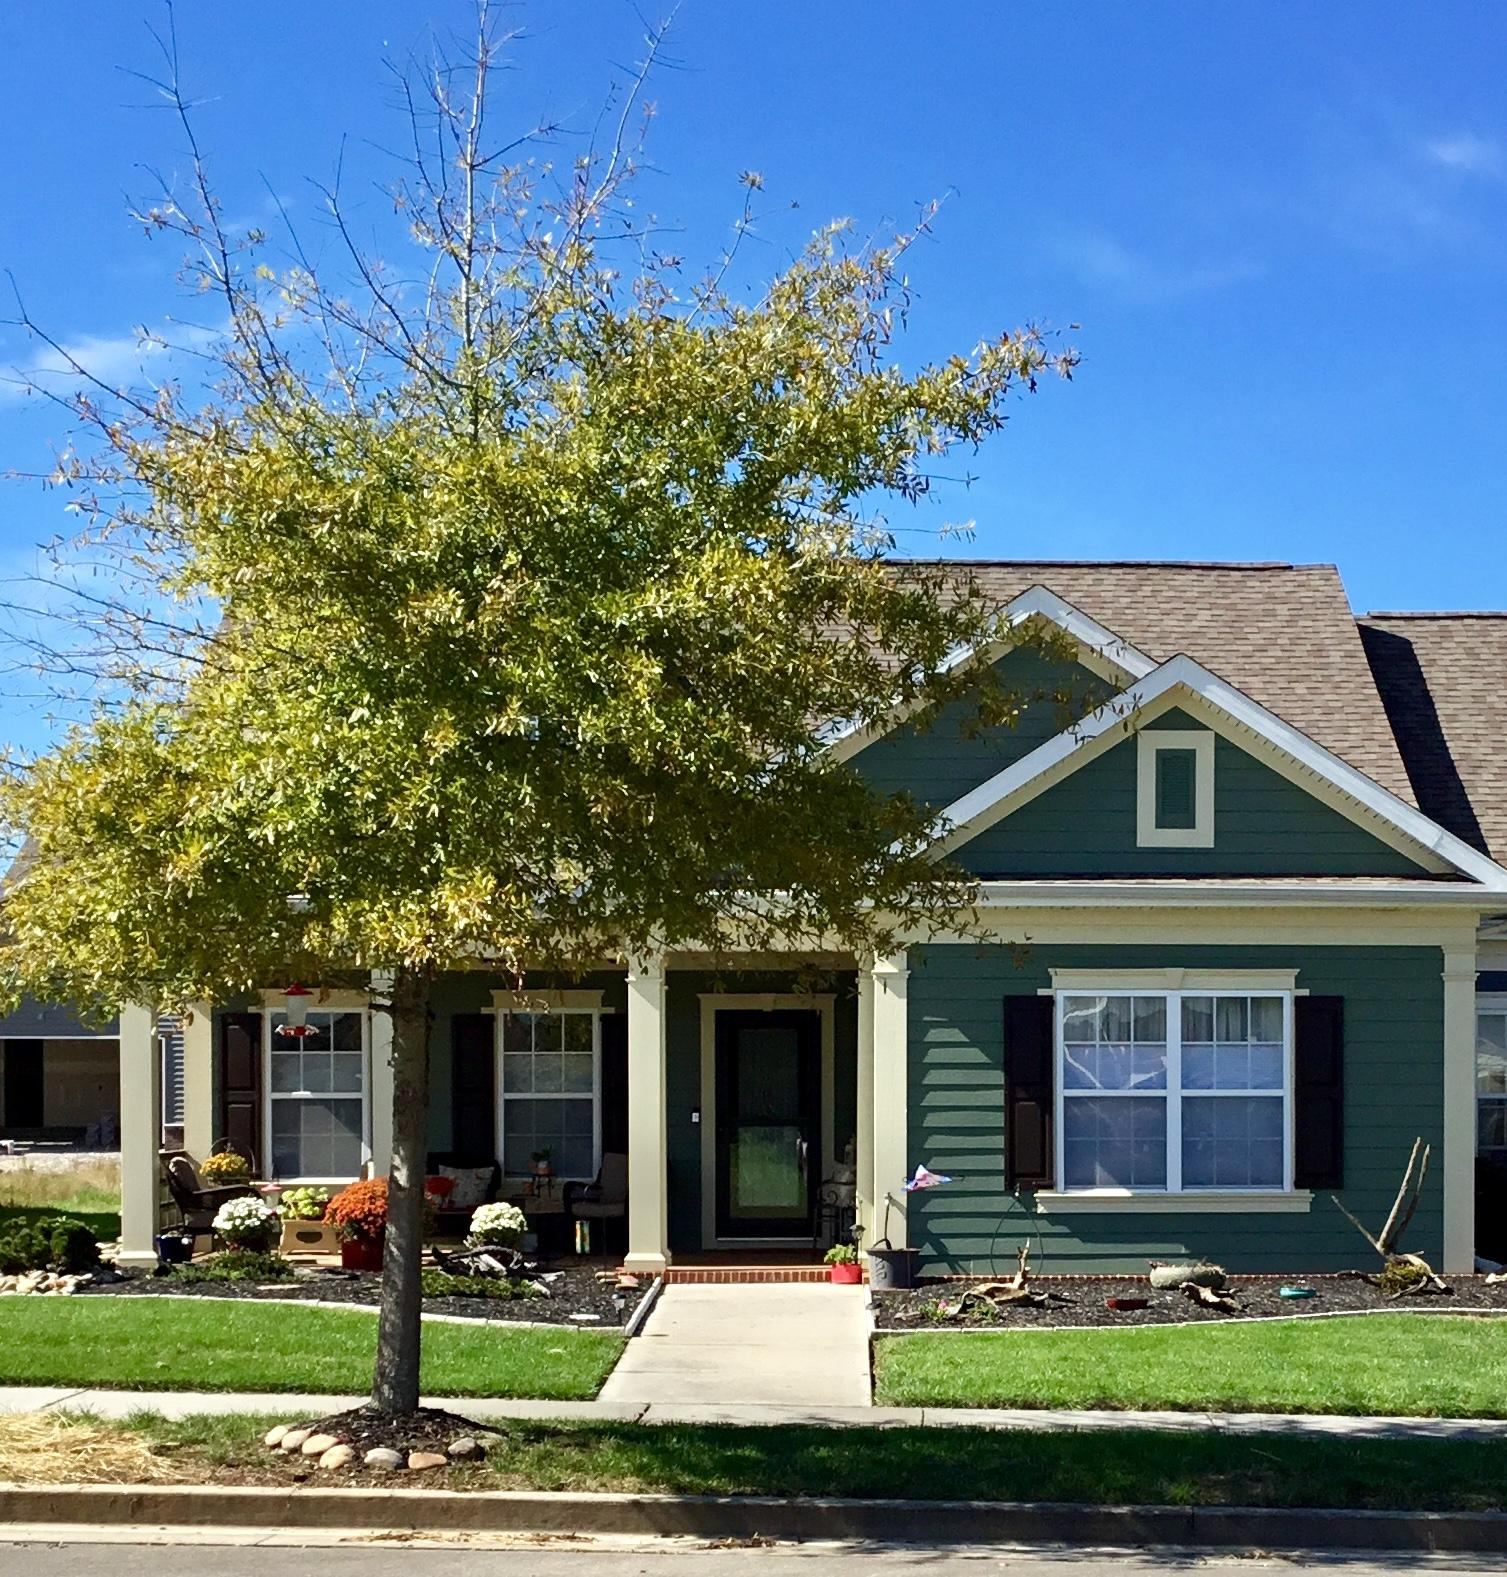 109 Hackberry St, Oak Ridge, TN 37830